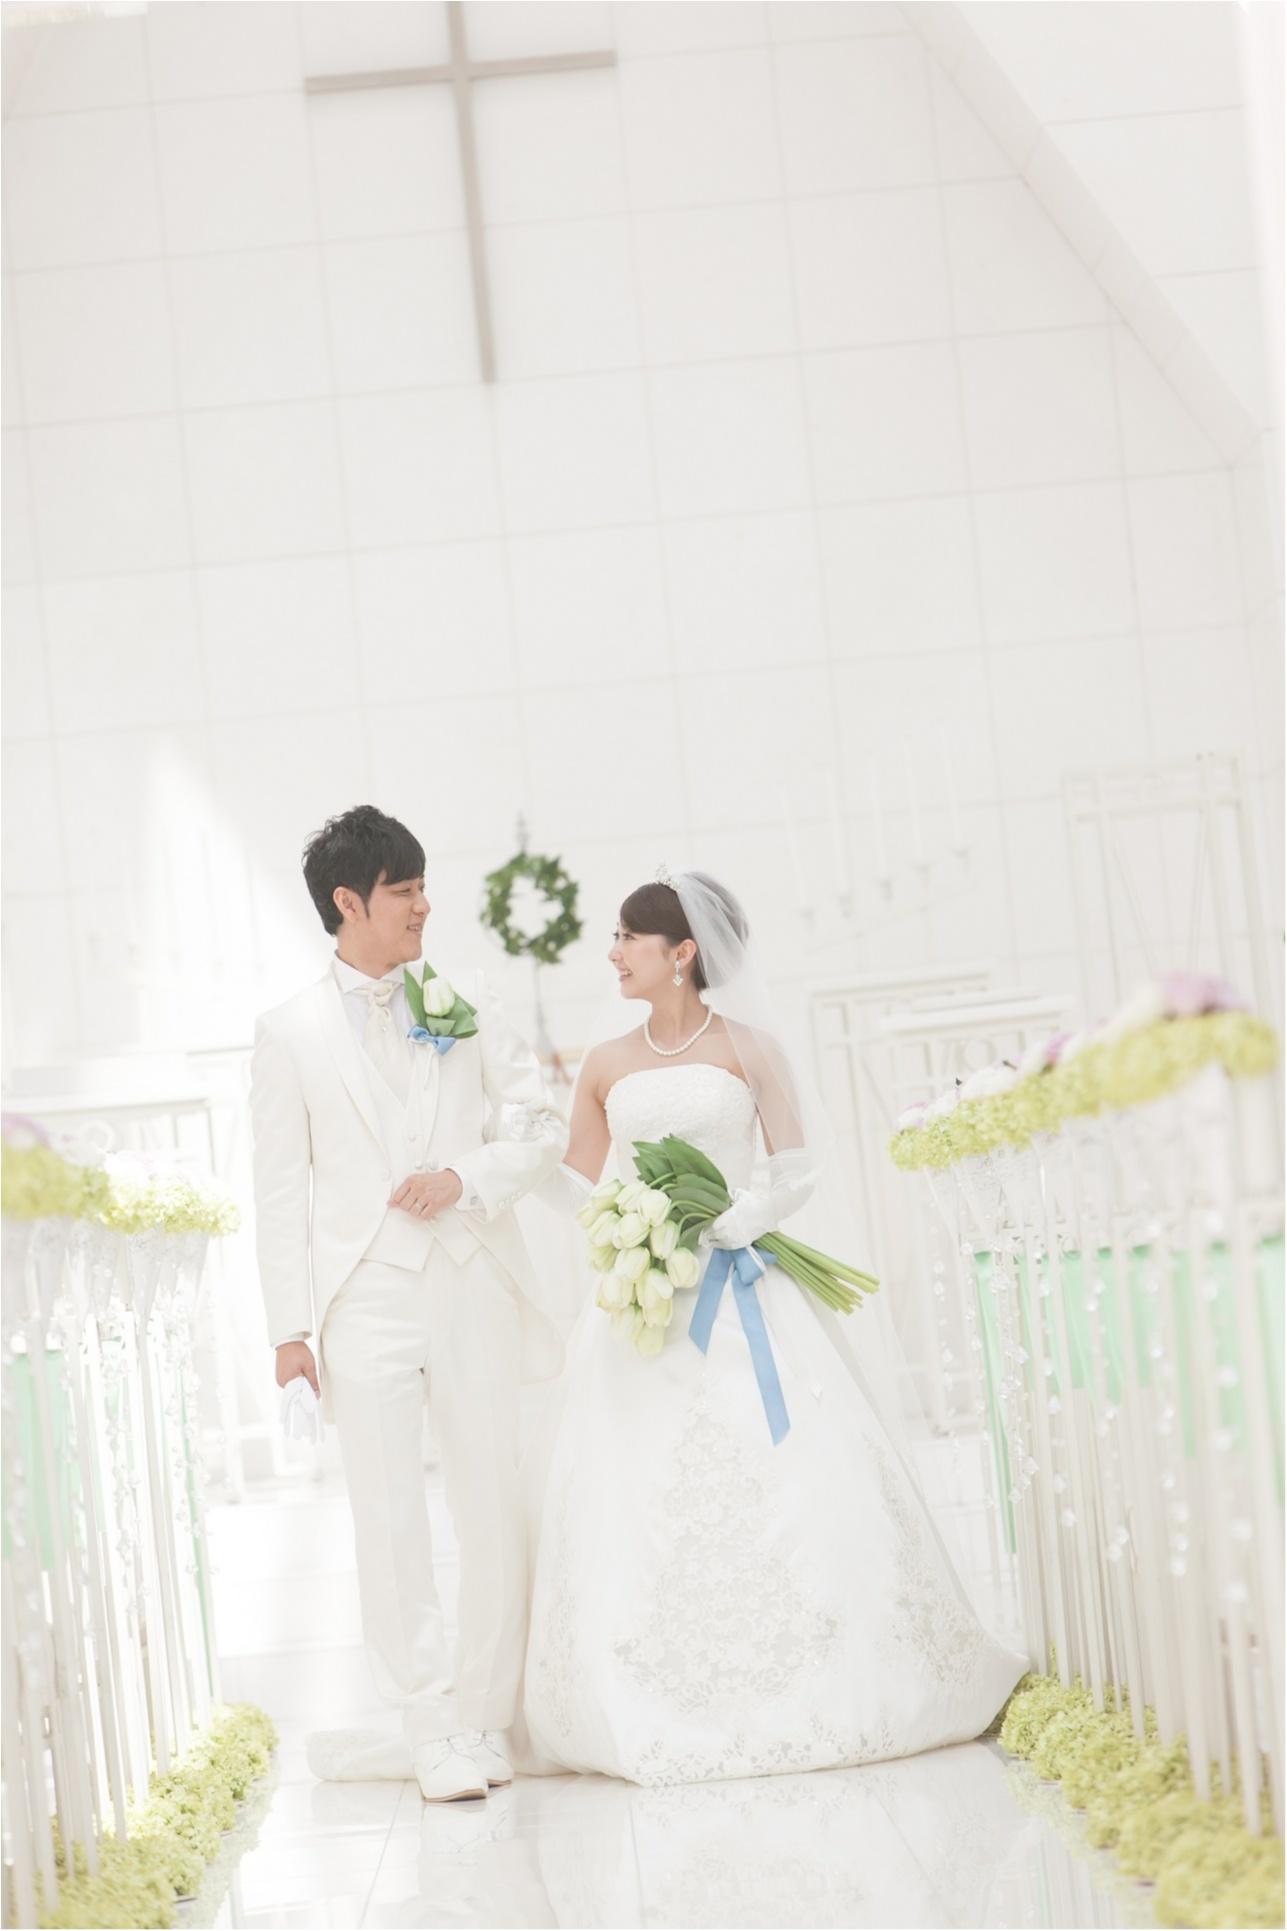 結婚式は「自分の好きな花」を手に持ちヴァージンロードを歩きたい!#さち婚_4